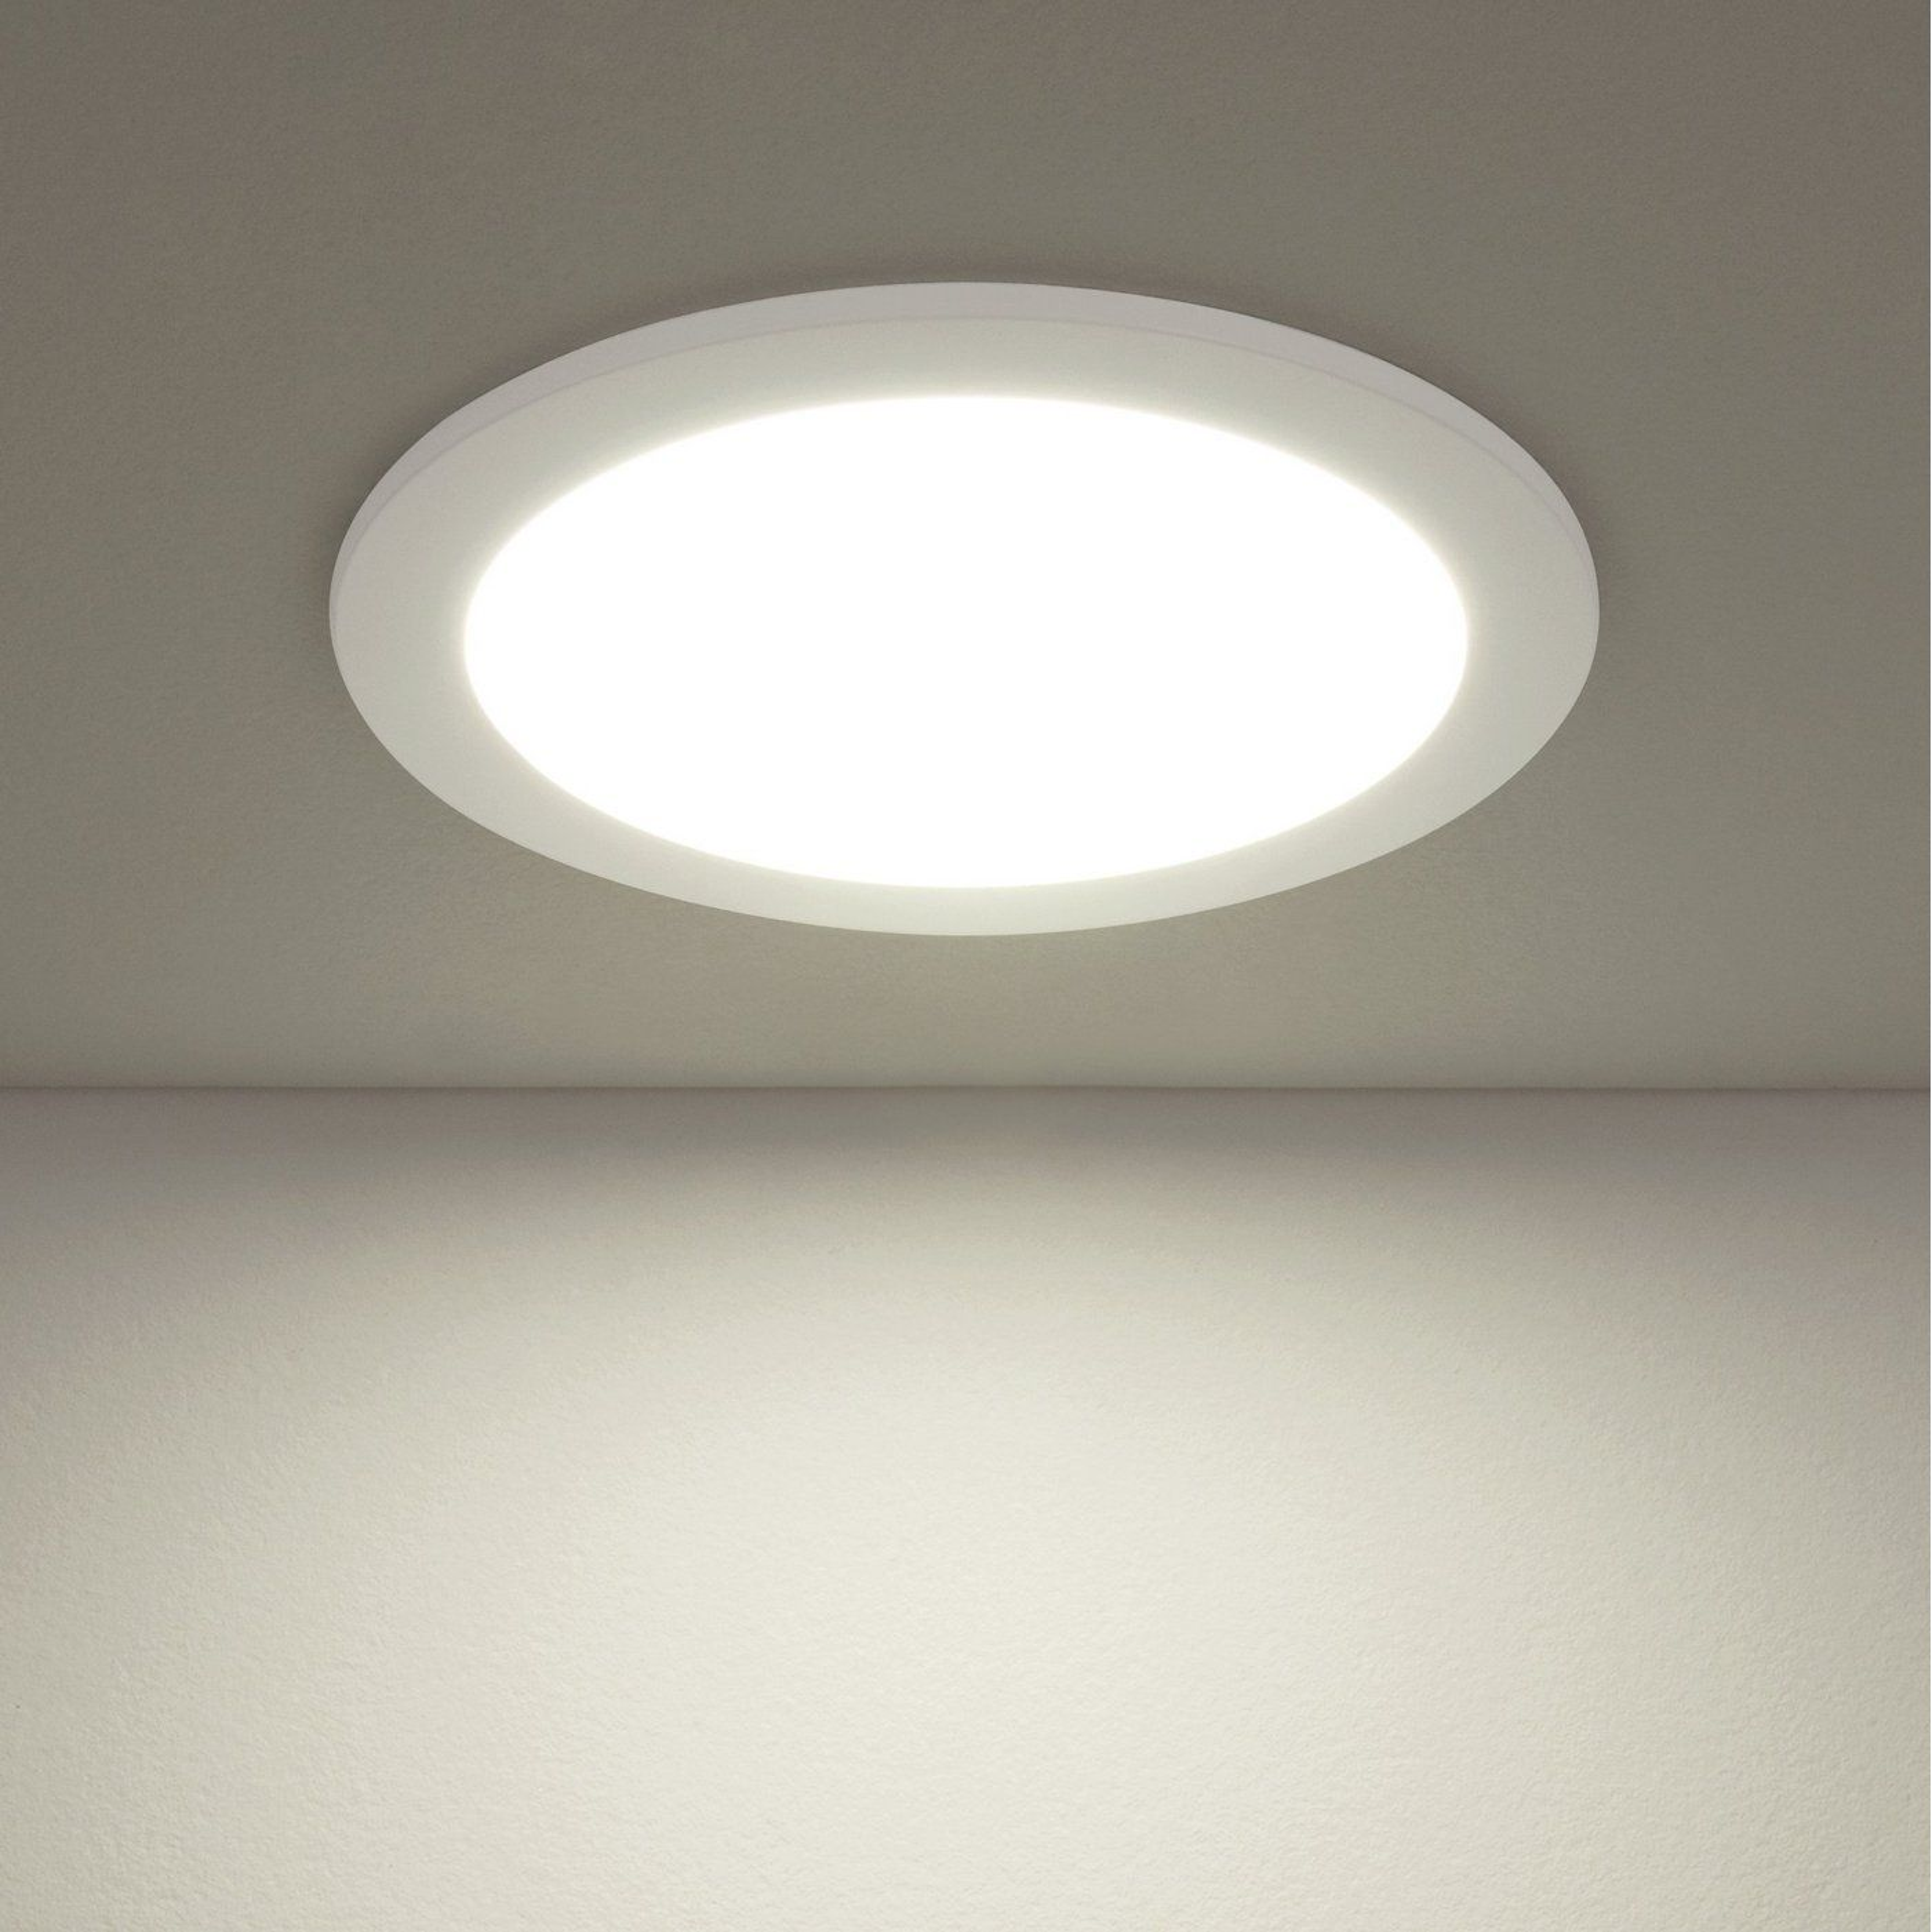 Фото Встраиваемый светильник Downlight a034916